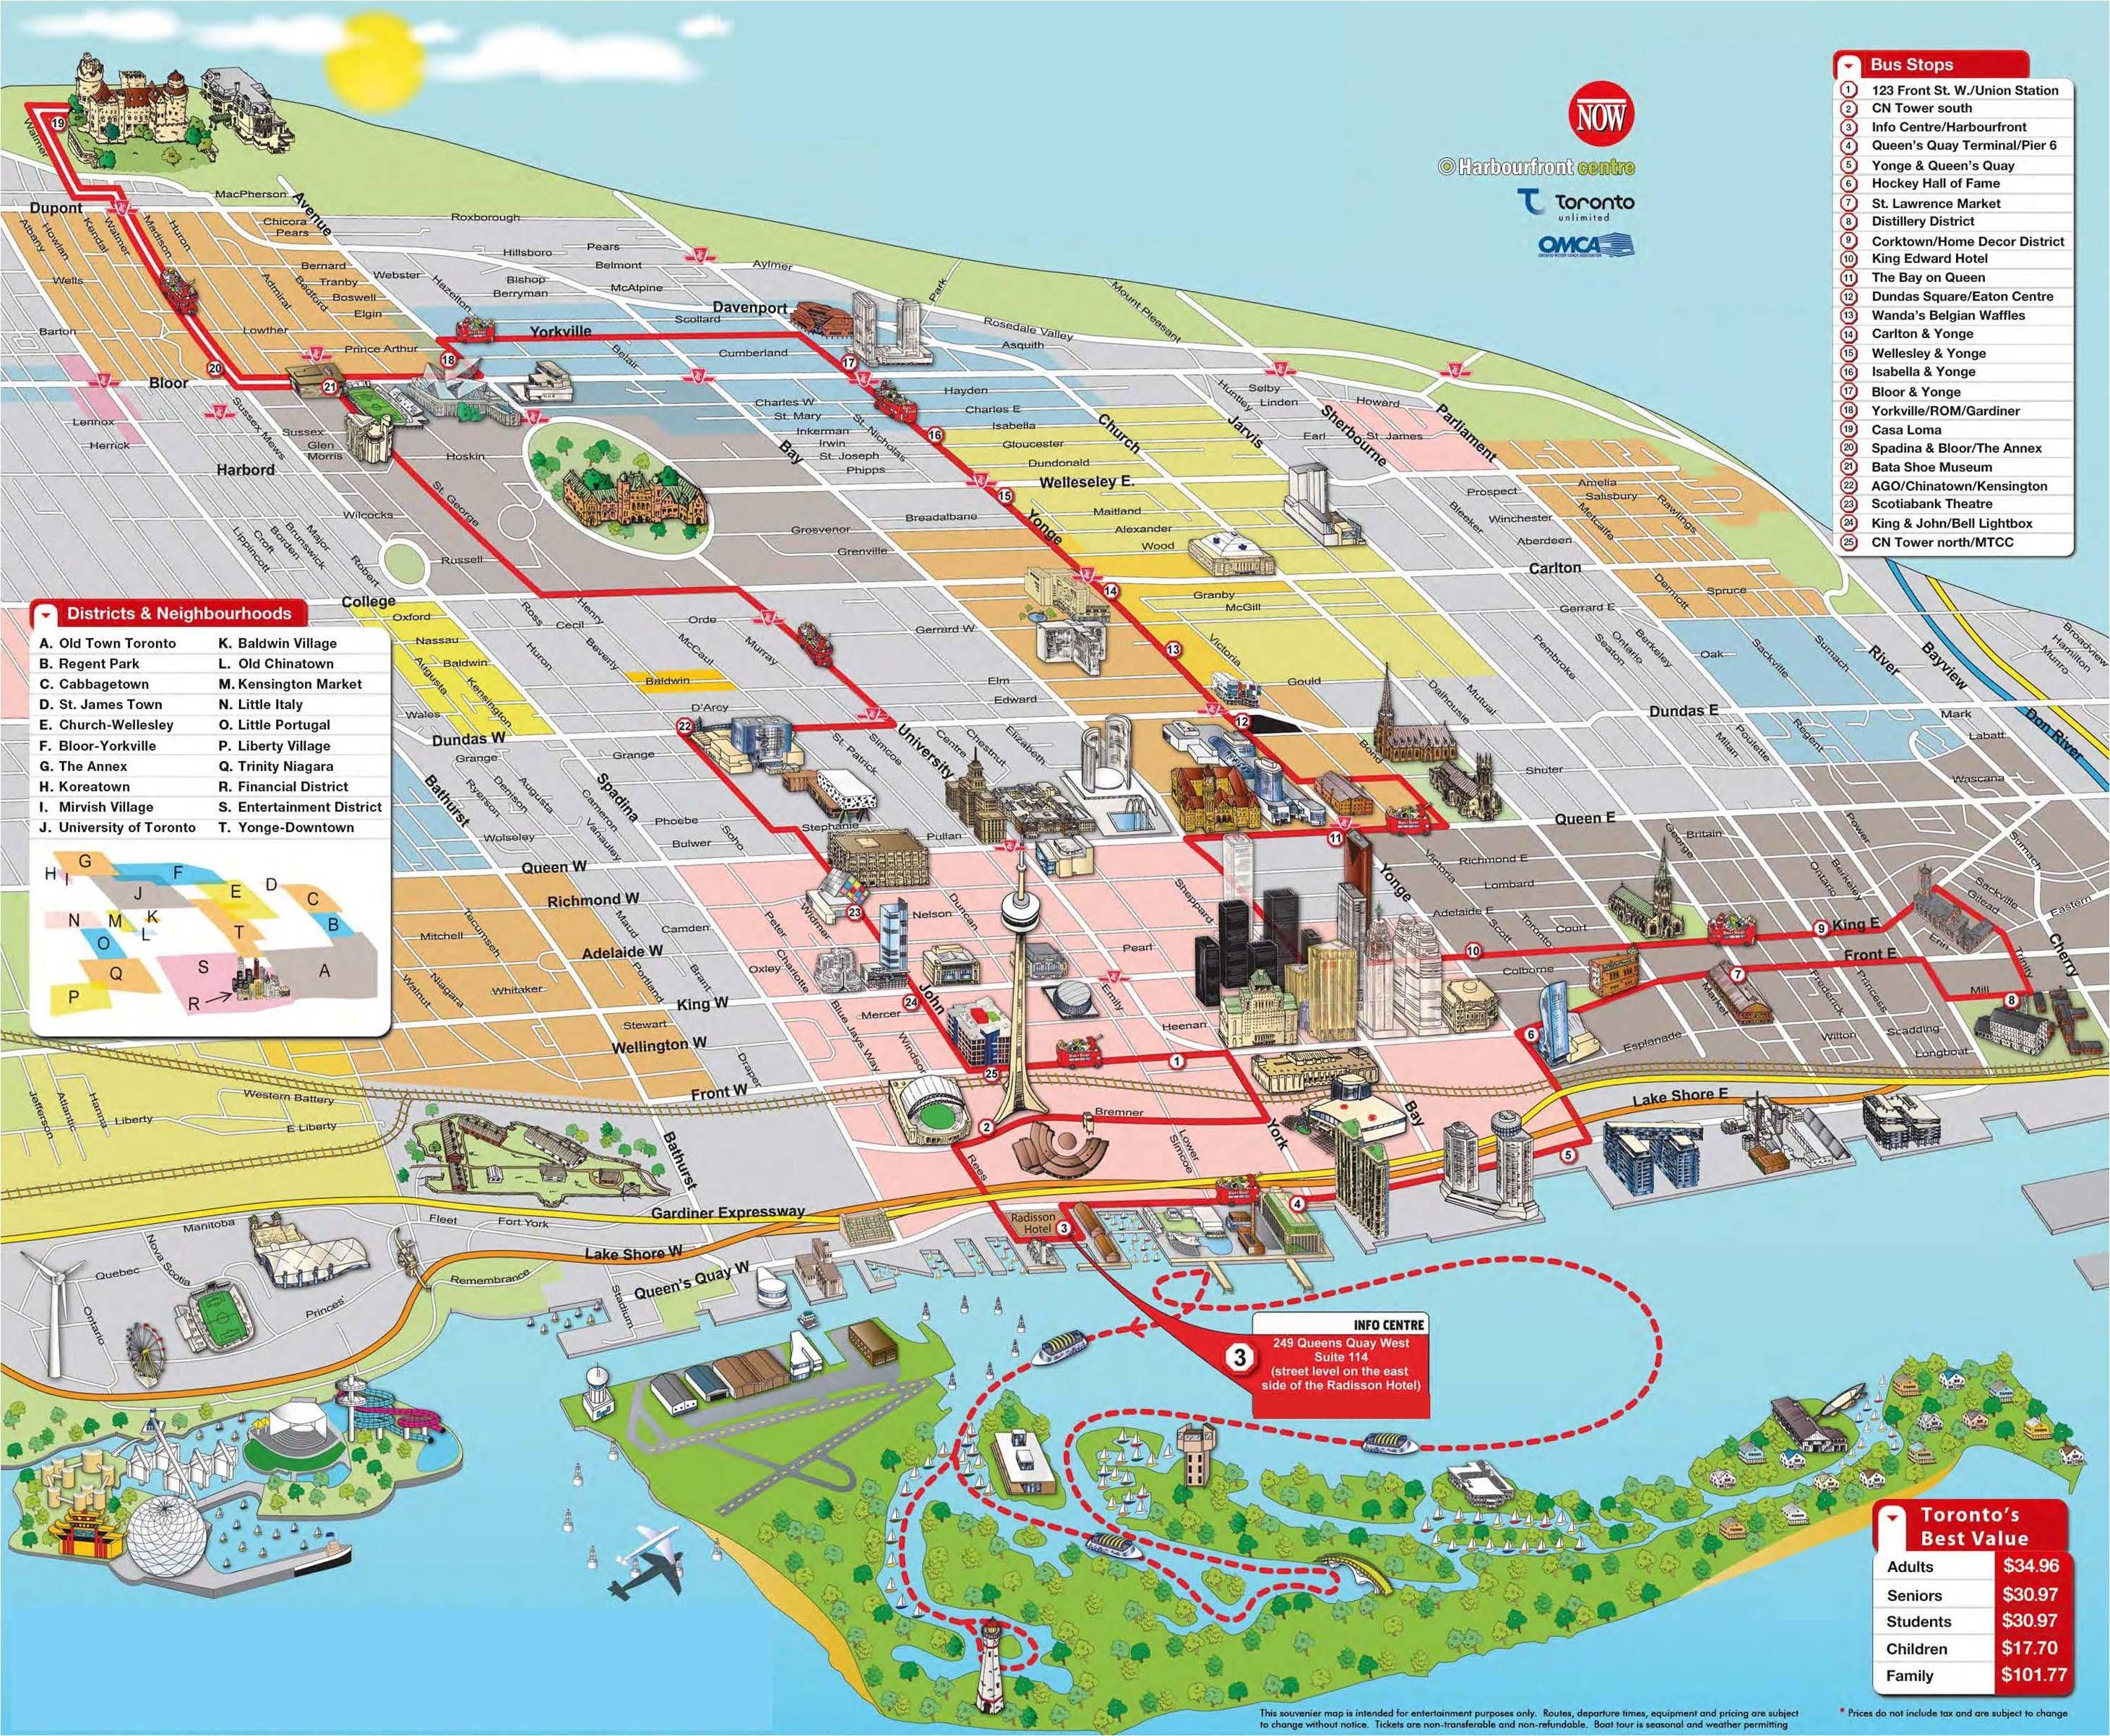 Canada Cataratas Del Niagara Mapa.Resultados De La Busqueda De Imagenes Mapa Turistico